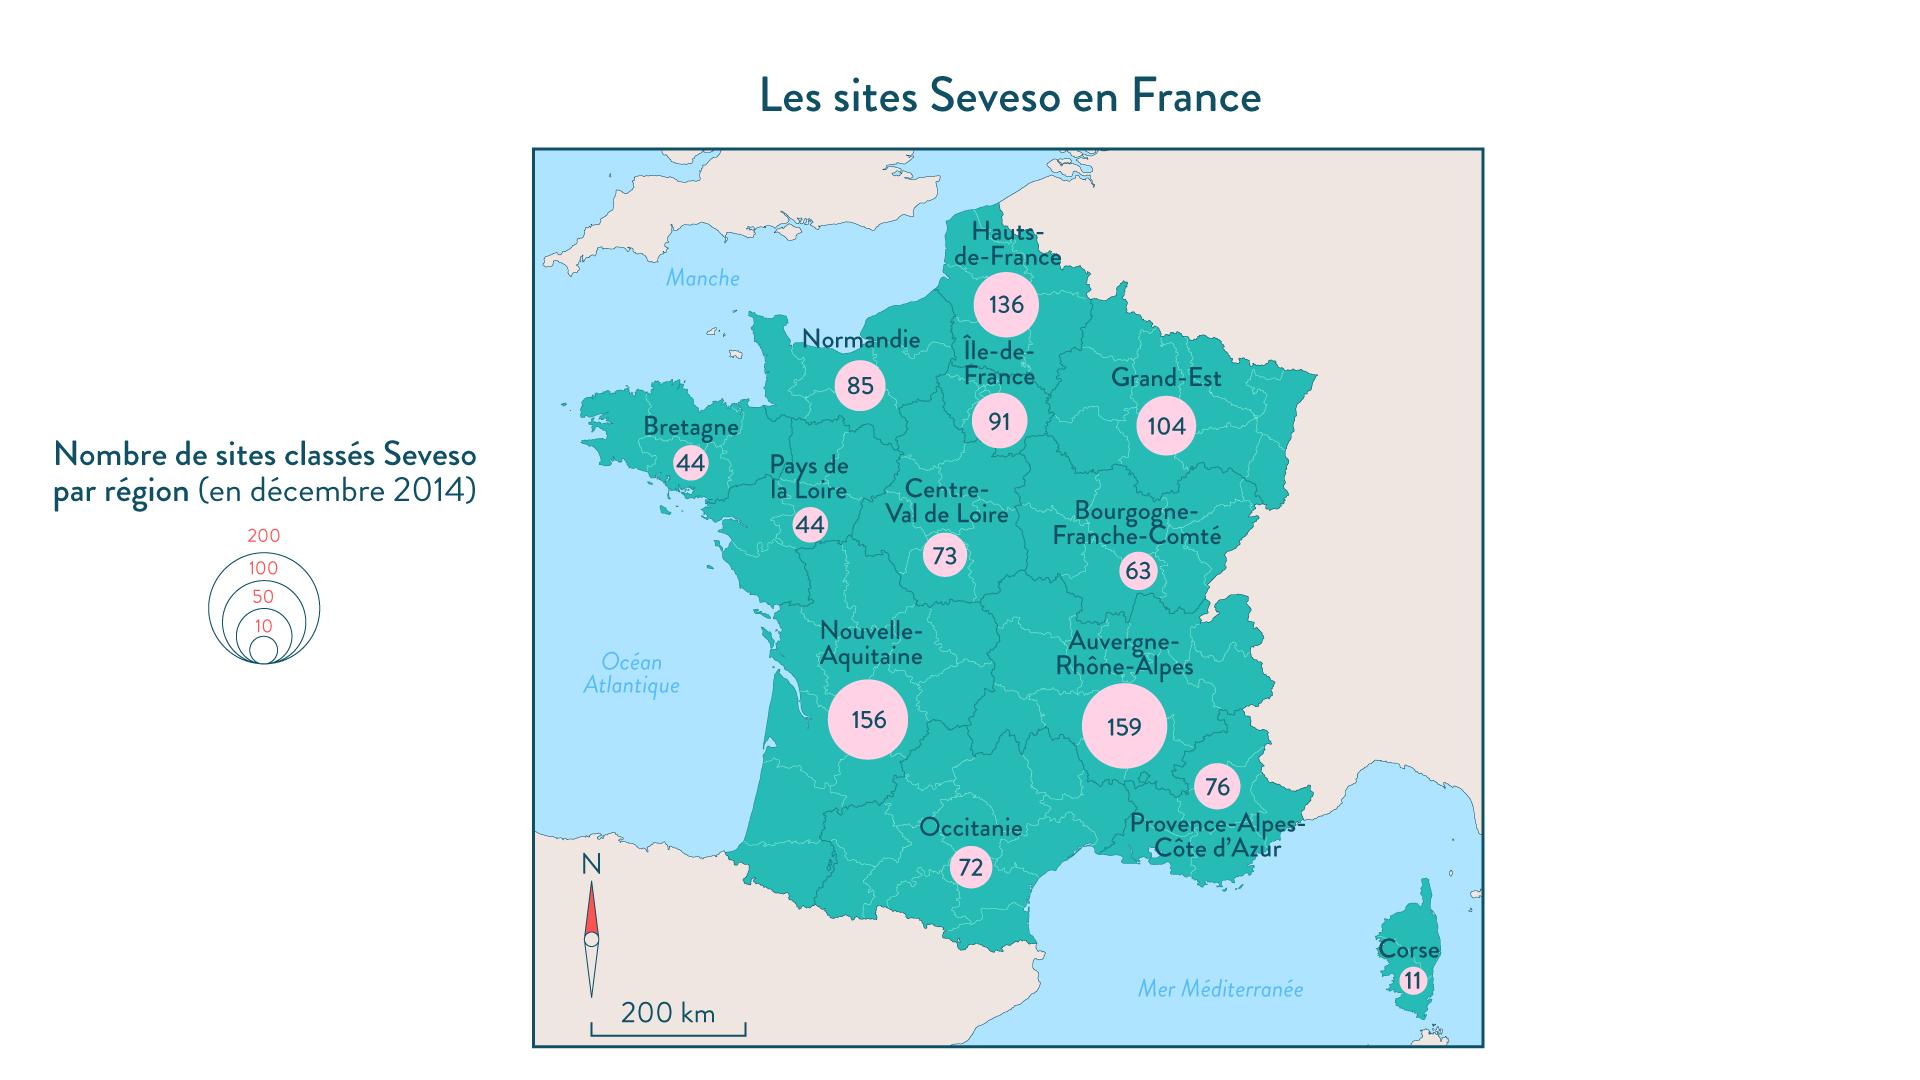 Les sites Seveso en France géographie cinquième